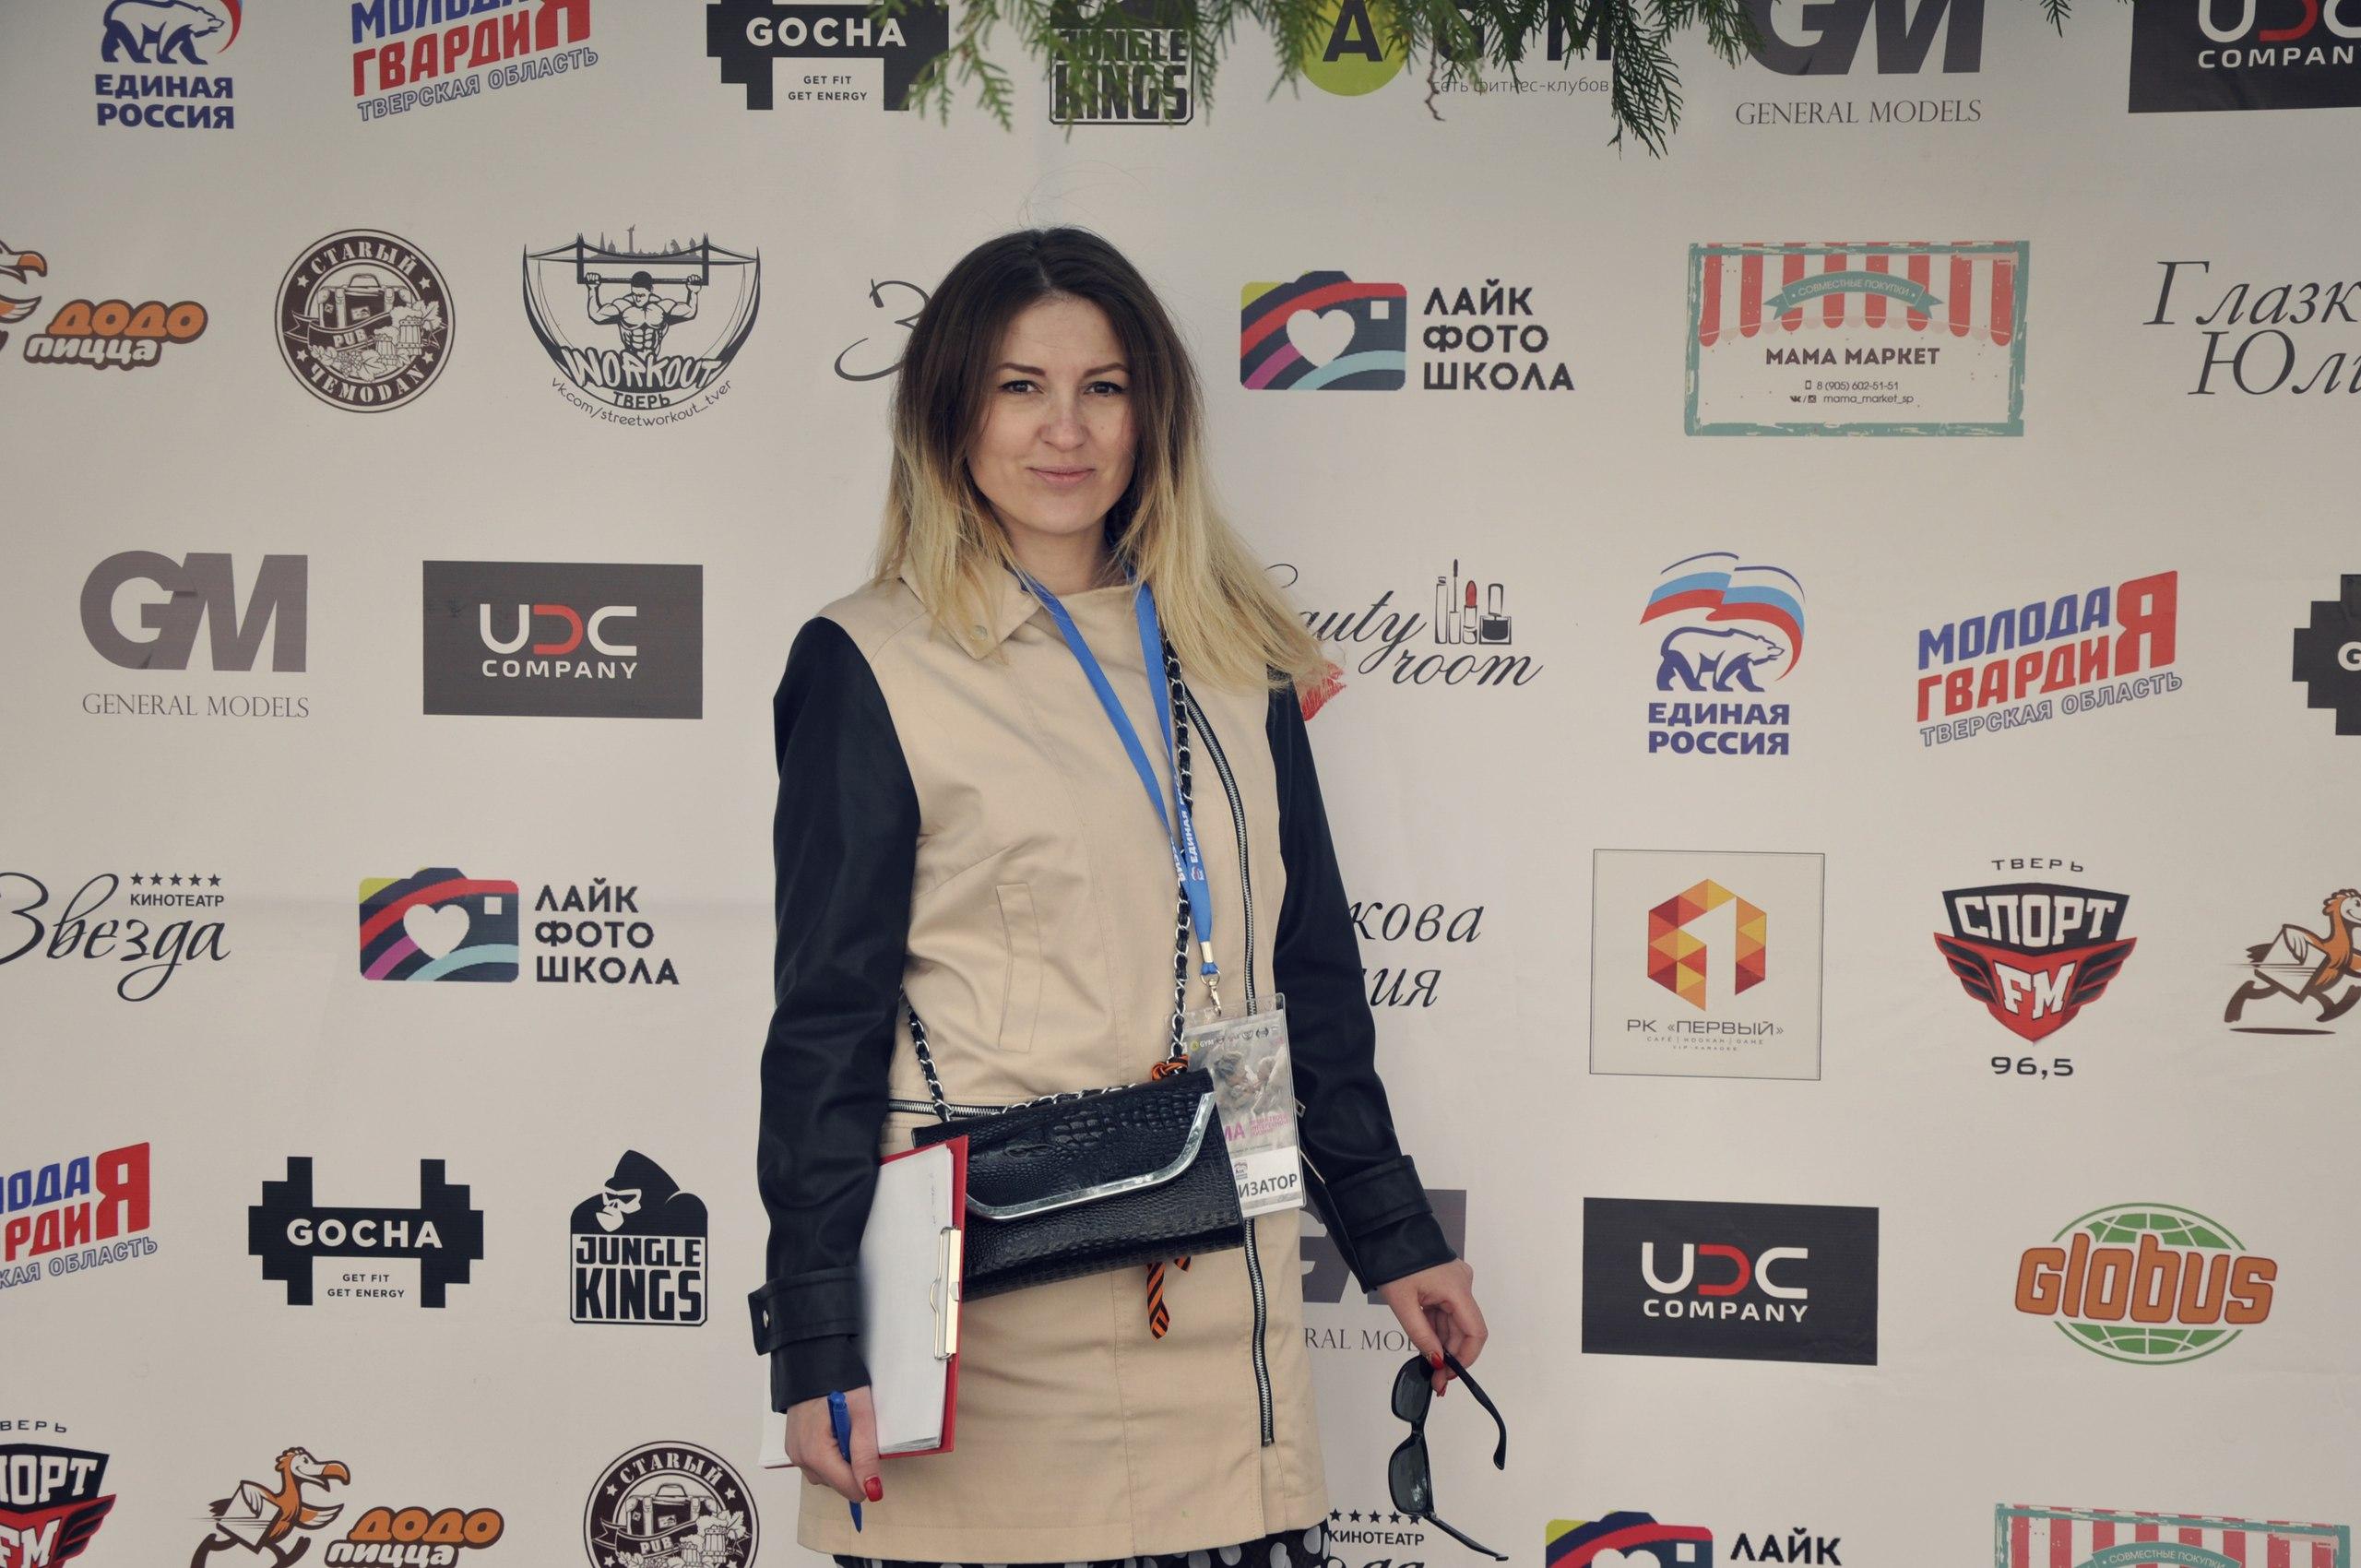 Анна Виноградова: «Улучшение качества жизни людей – основное направление государственной политики»